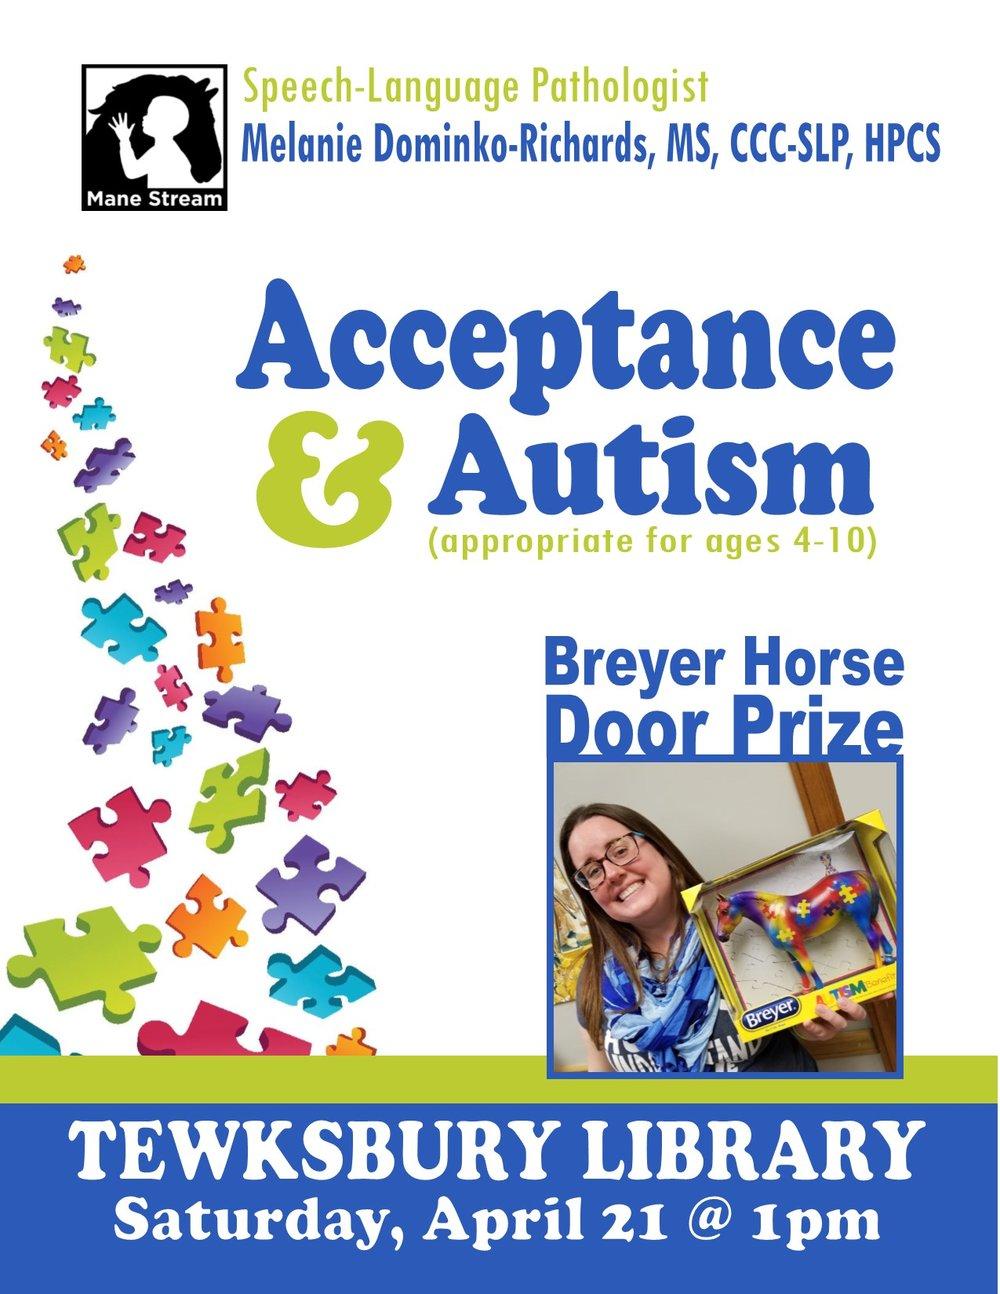 Tewksbury Library Flyers-Autism.jpg